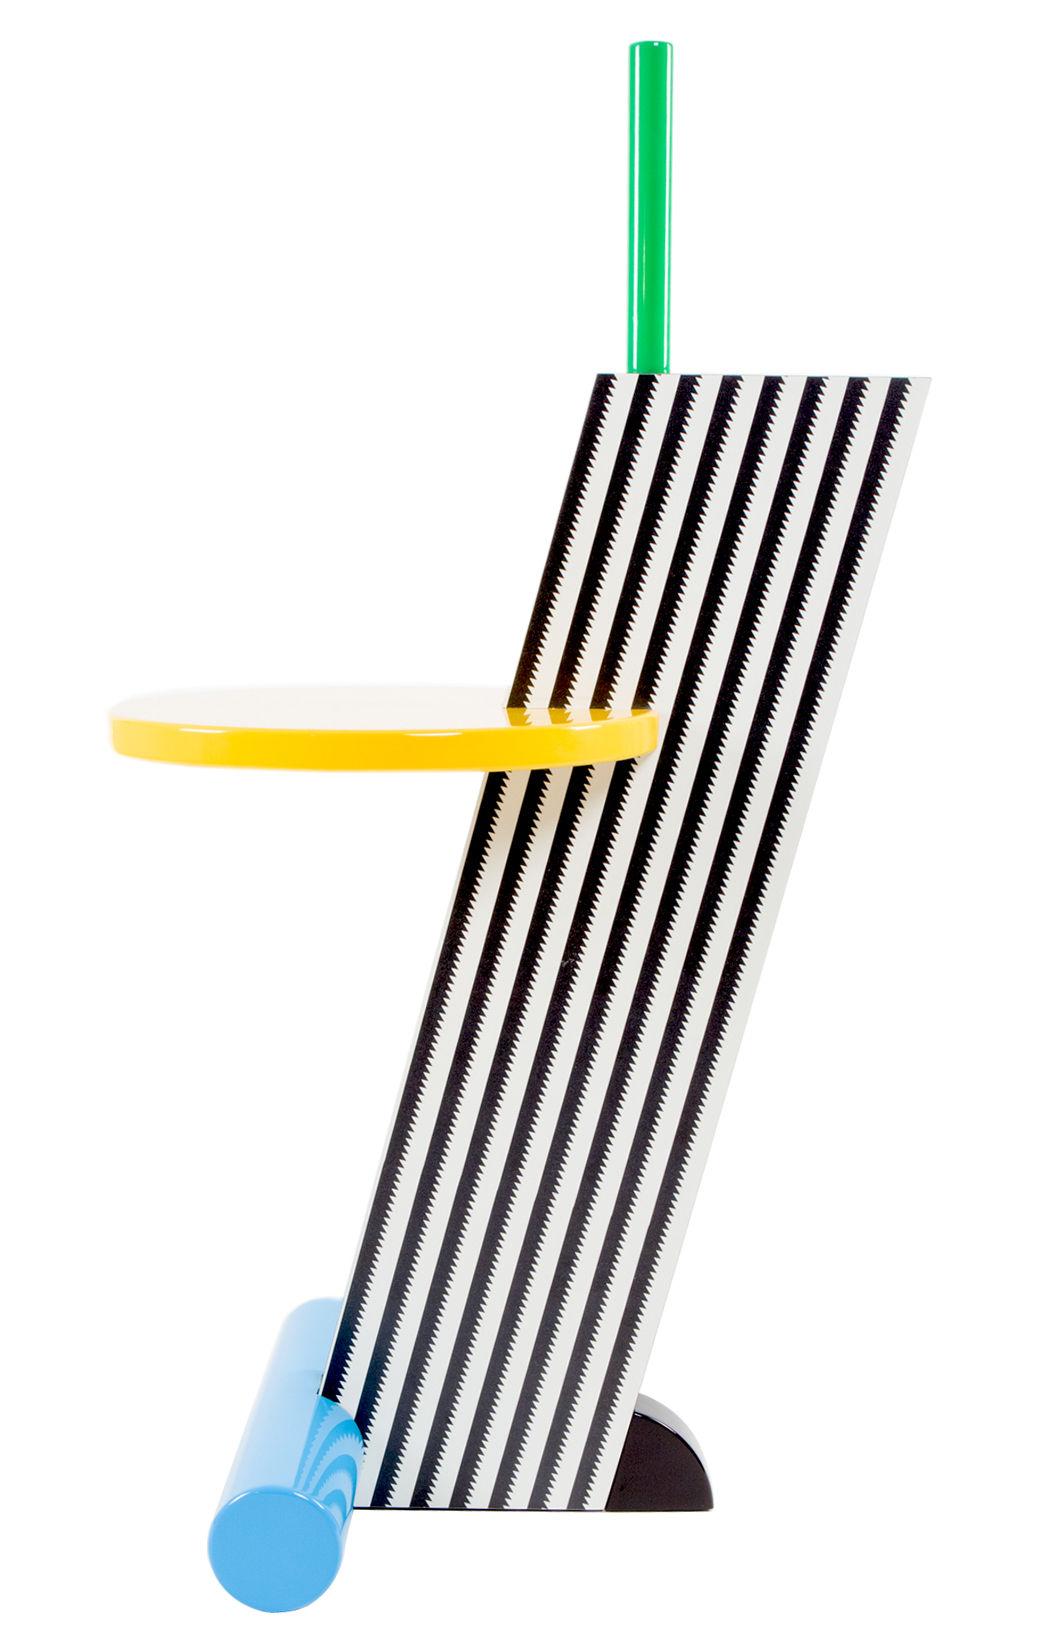 Mobilier - Tables basses - Table d'appoint Flamingo by Michele De Lucchi / 1984 - Memphis Milano - Multicolore - Bois laqué, Laminé plastique